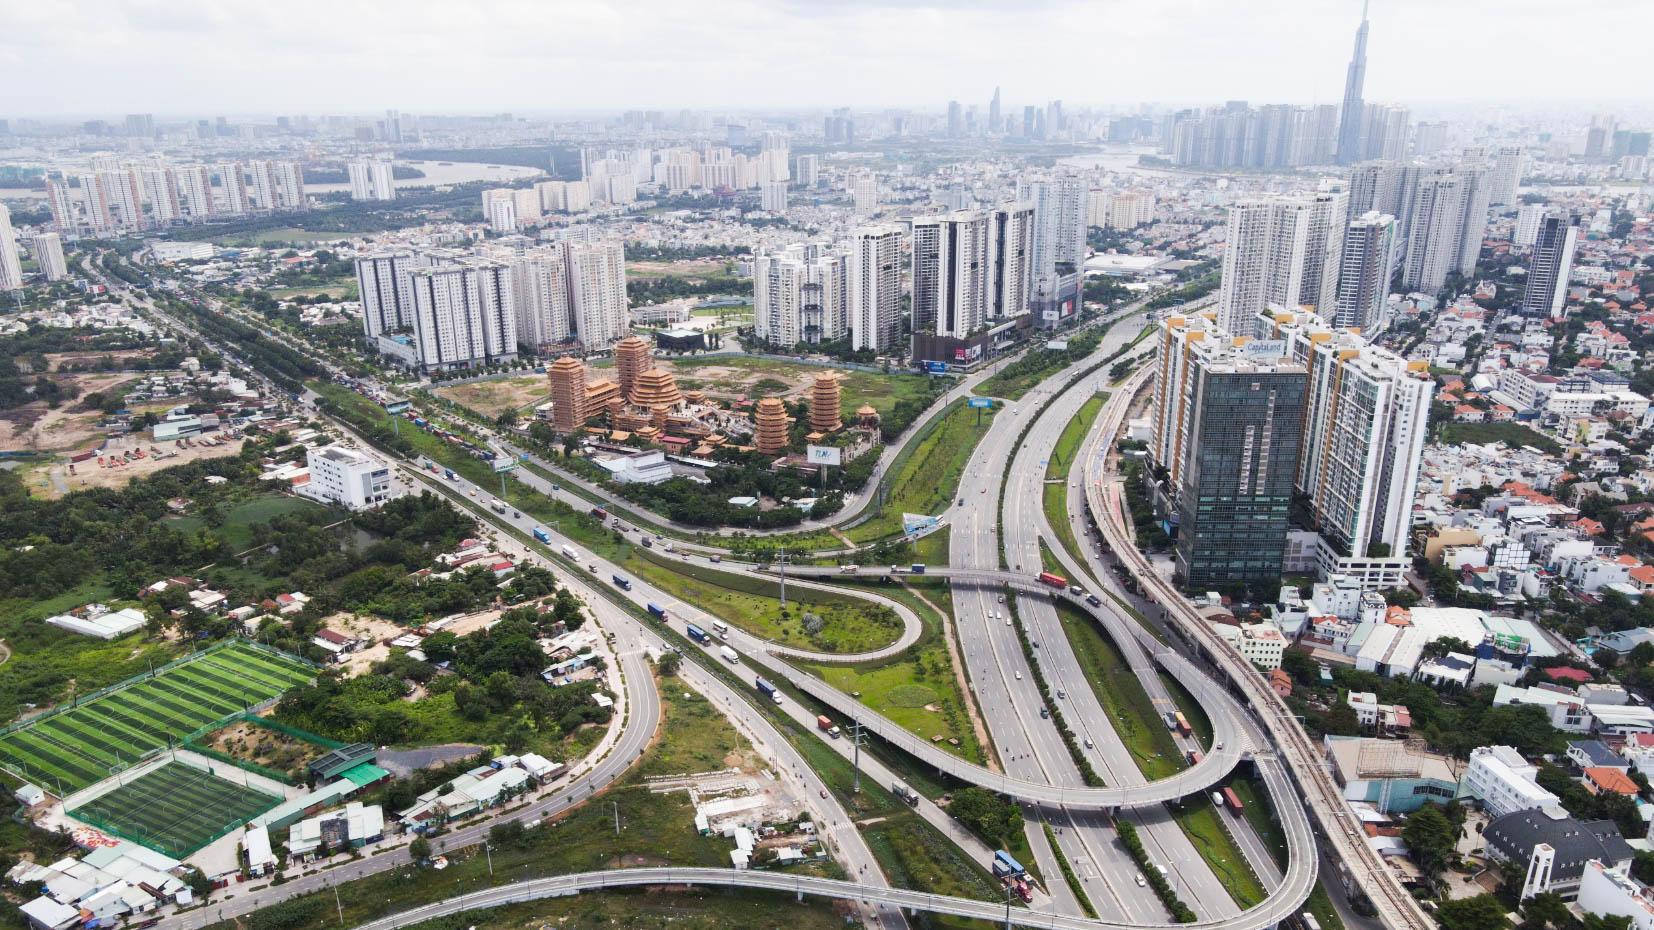 Giá thuê bất động sản giảm đến 30% trong mùa dịch Covid-19 5